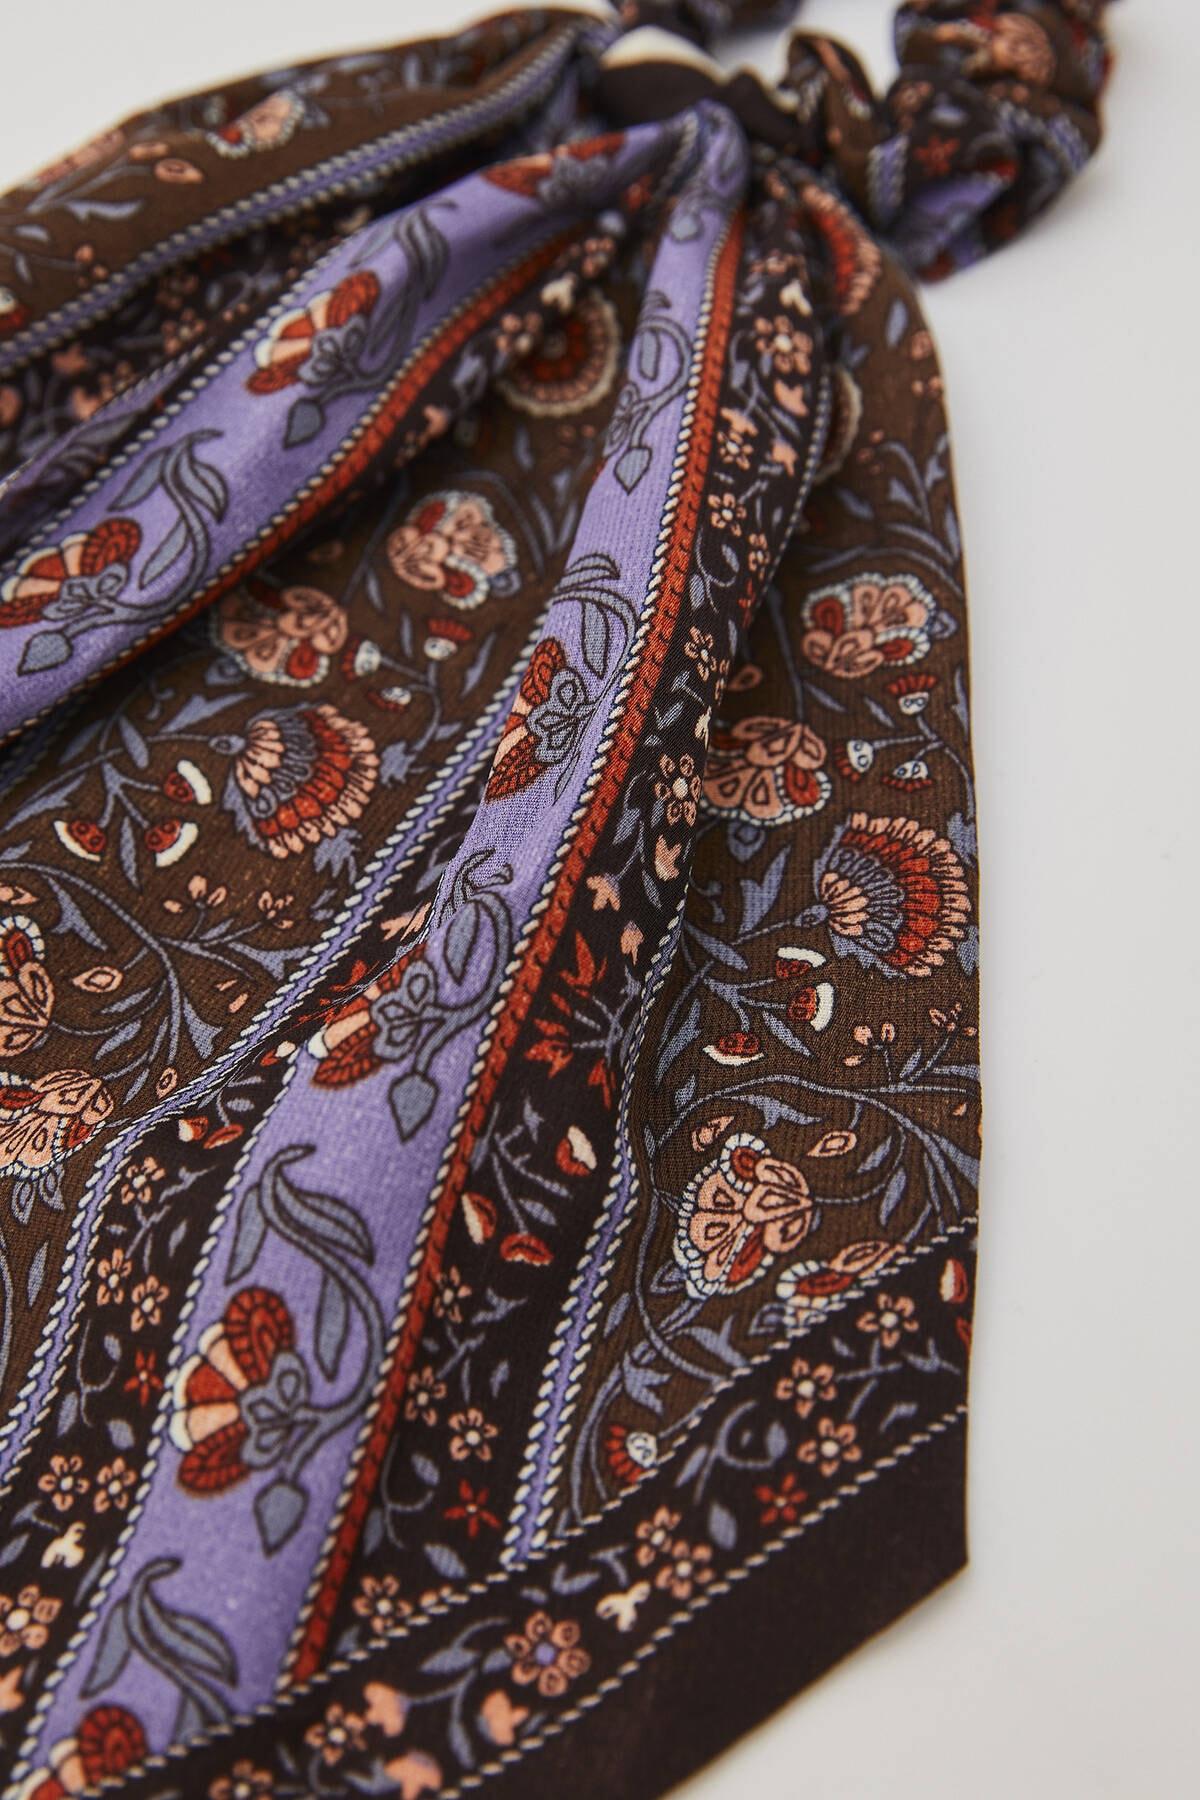 Pull & Bear Kadın Koyu Mor Çiçek Desenli Kurdeleli Saç Lastiği 04970300 1